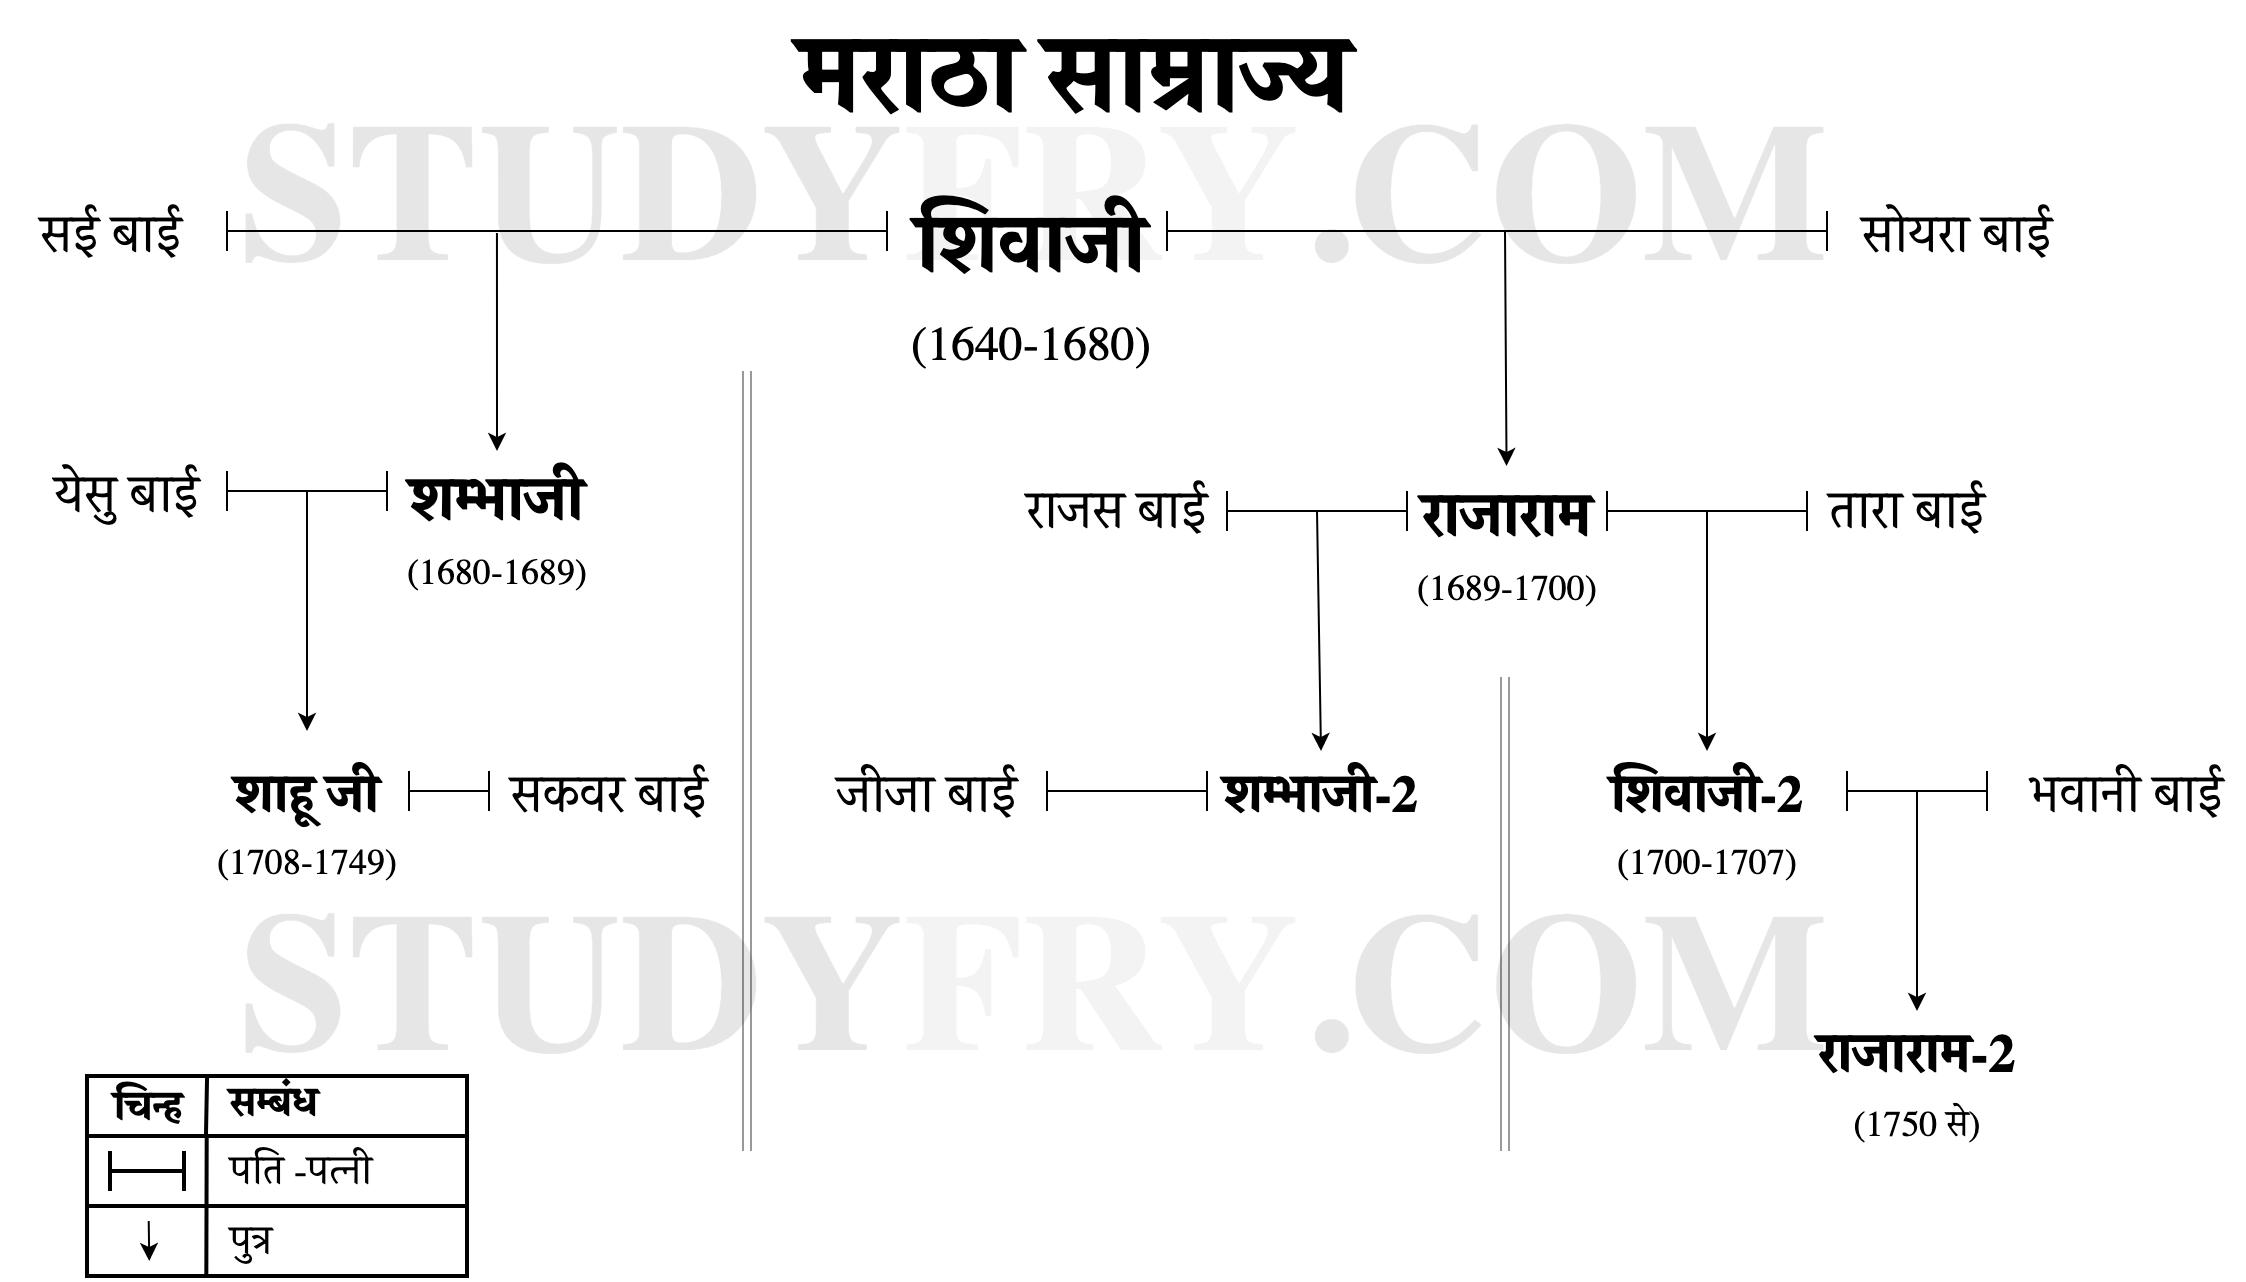 Maratha Empire Family Tree in Hindi